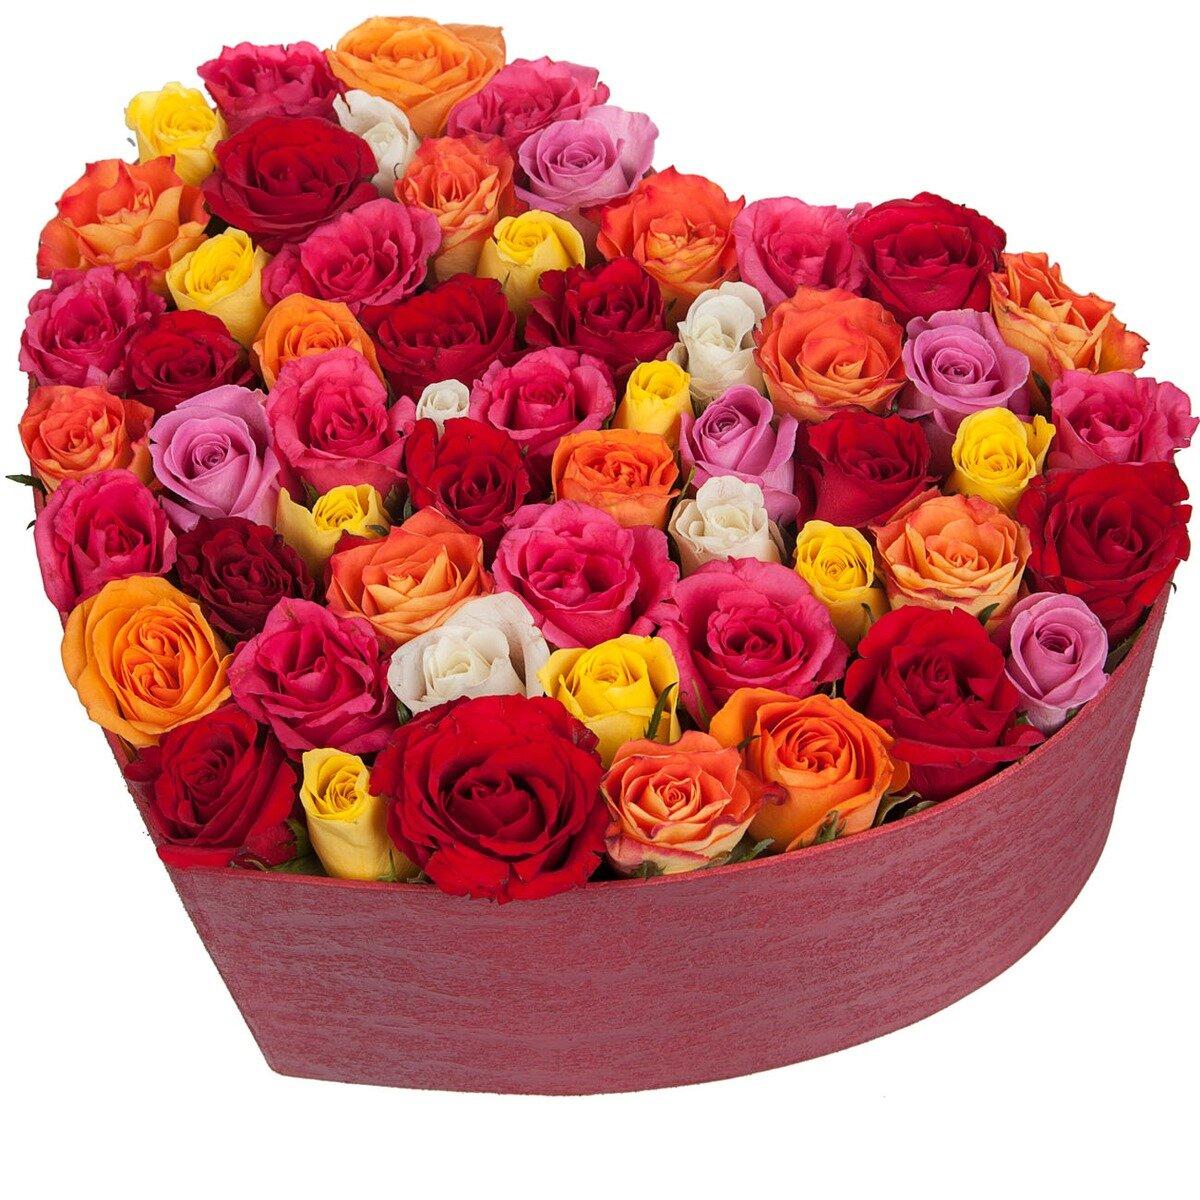 Красивые, картинки букетов разноцветных роз